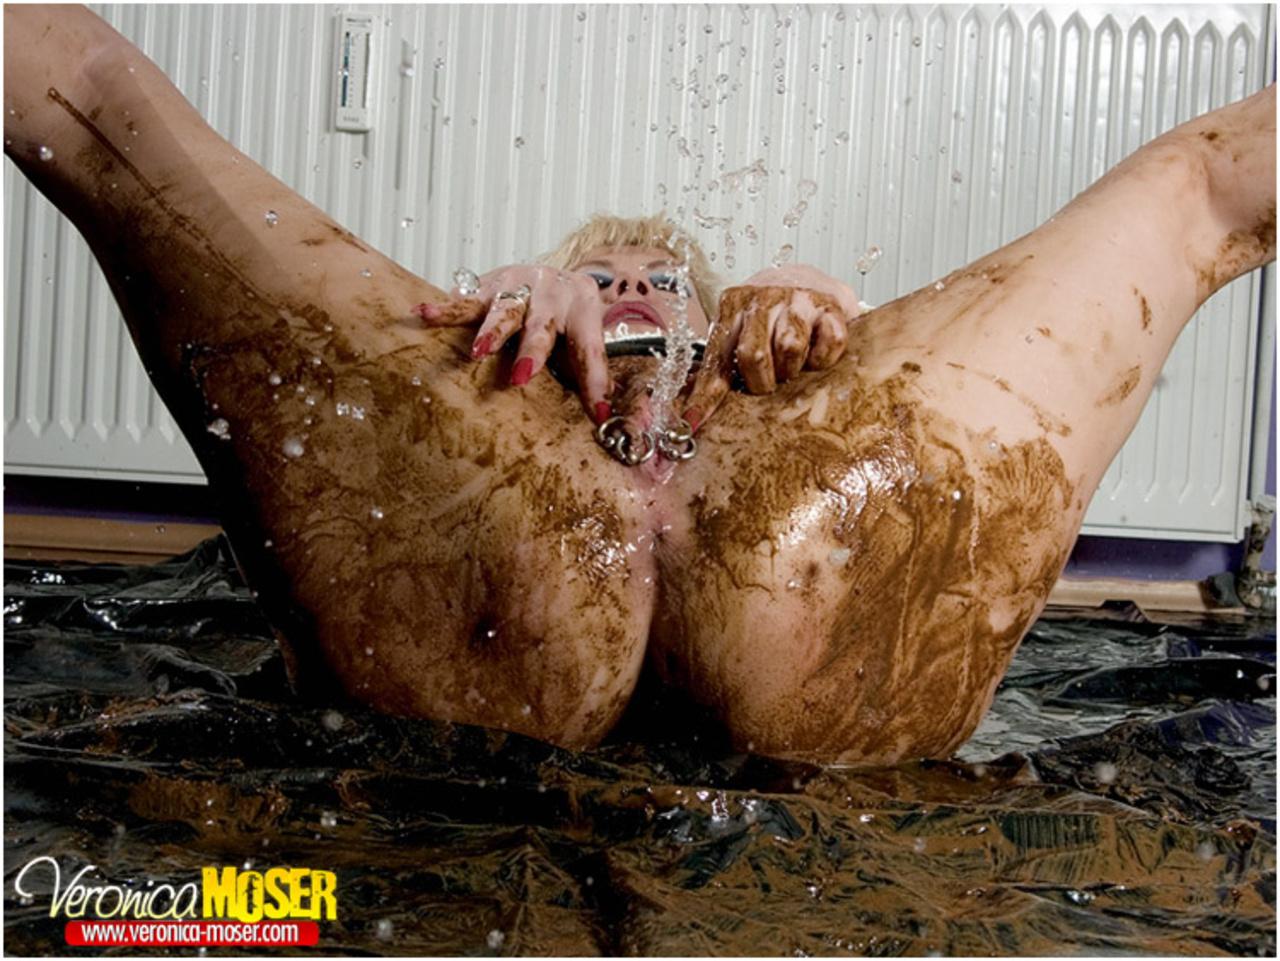 Секс в жопу в говне, с говном девушку извращенец в жопу трахает - смотреть 11 фотография